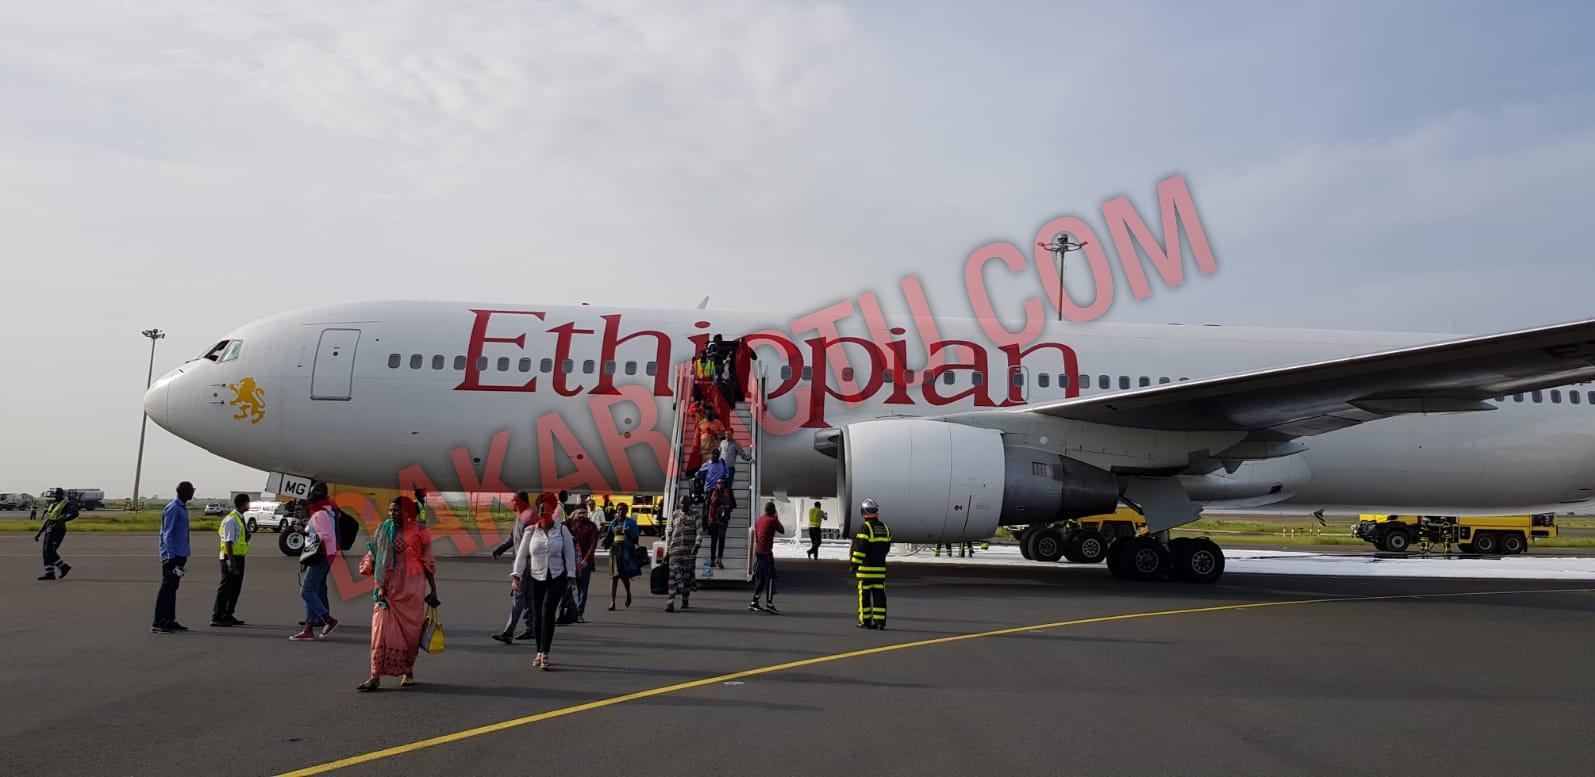 Accident sur le vol ET/908 : Ethiopian Airlines annonce l'ouverture d'une enquête et se dédouane